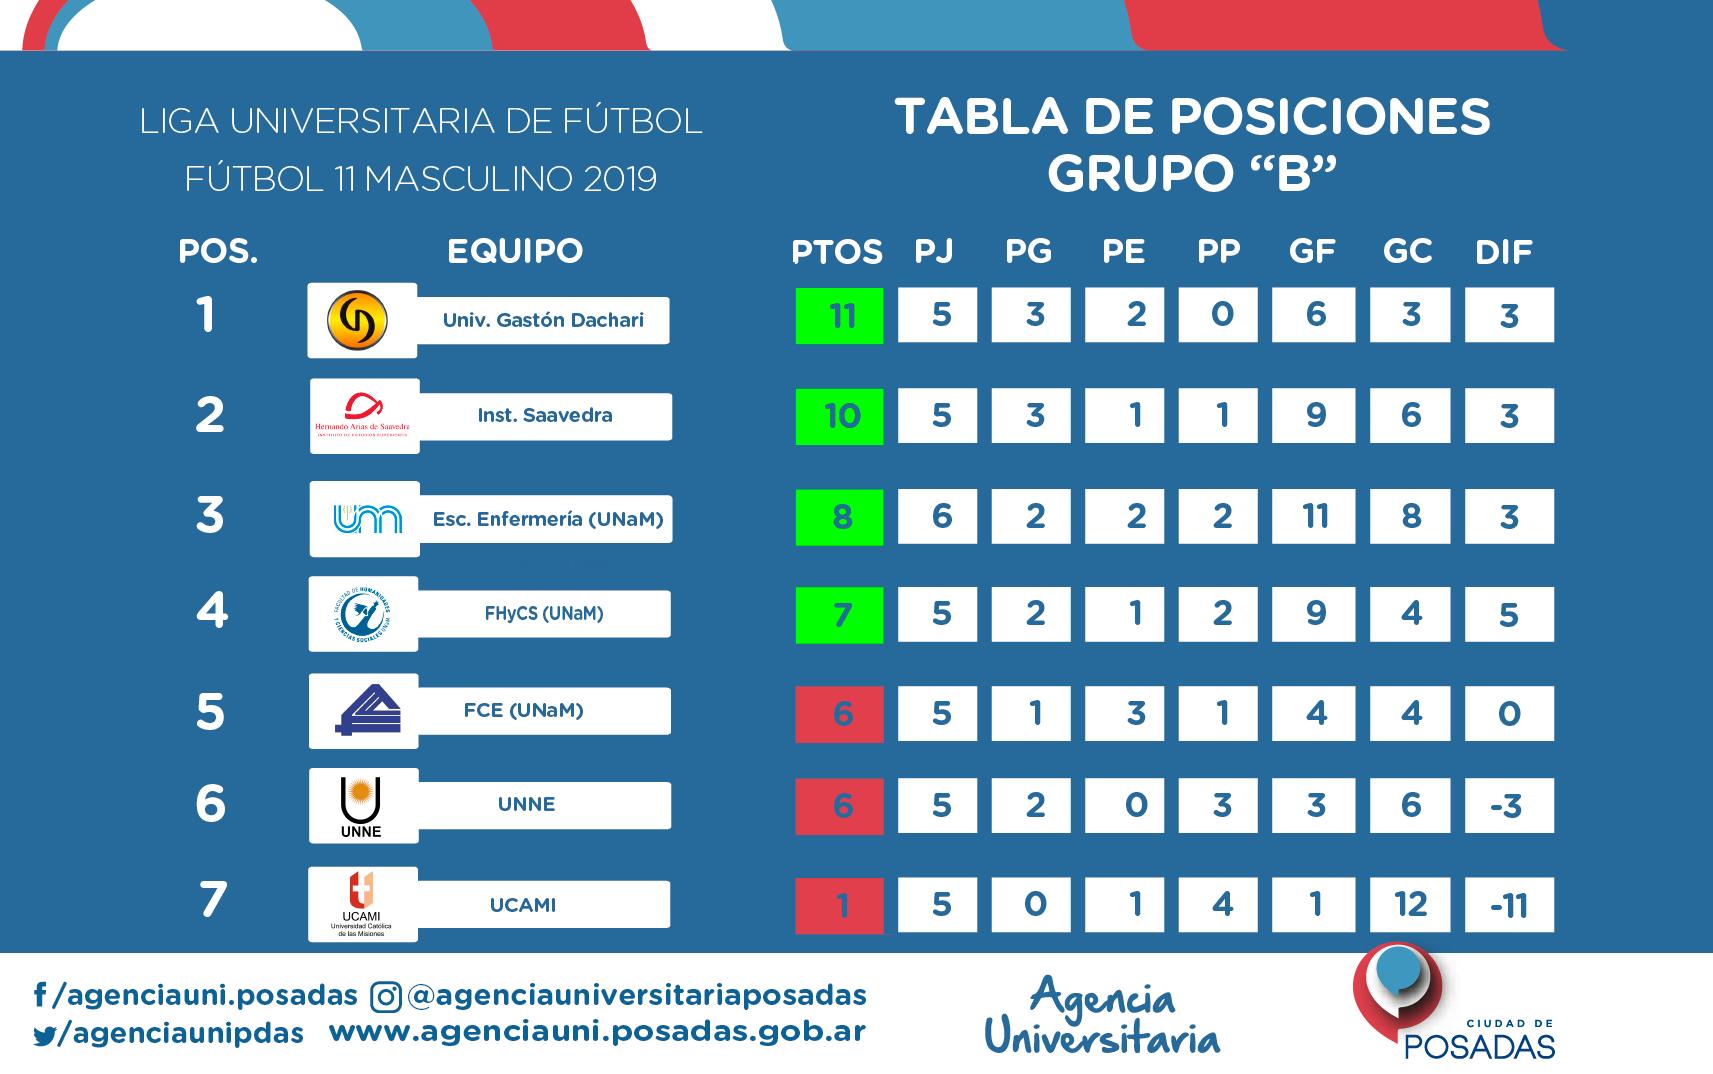 posiciones--GRUPO-B-fecha-7-NUEVO